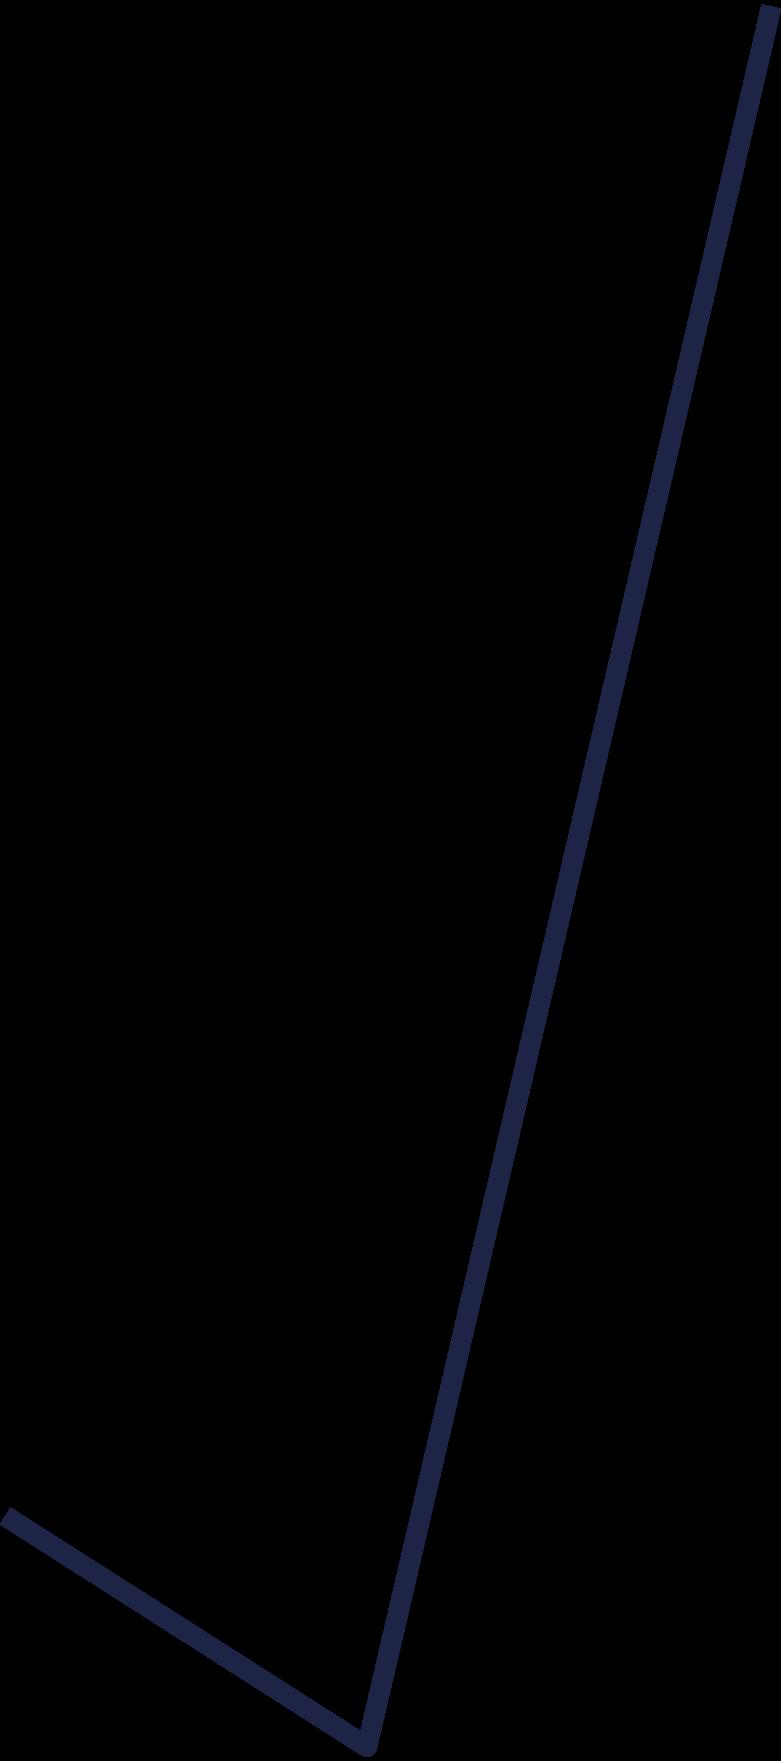 message sent  deltaplane rod 2 line Clipart illustration in PNG, SVG